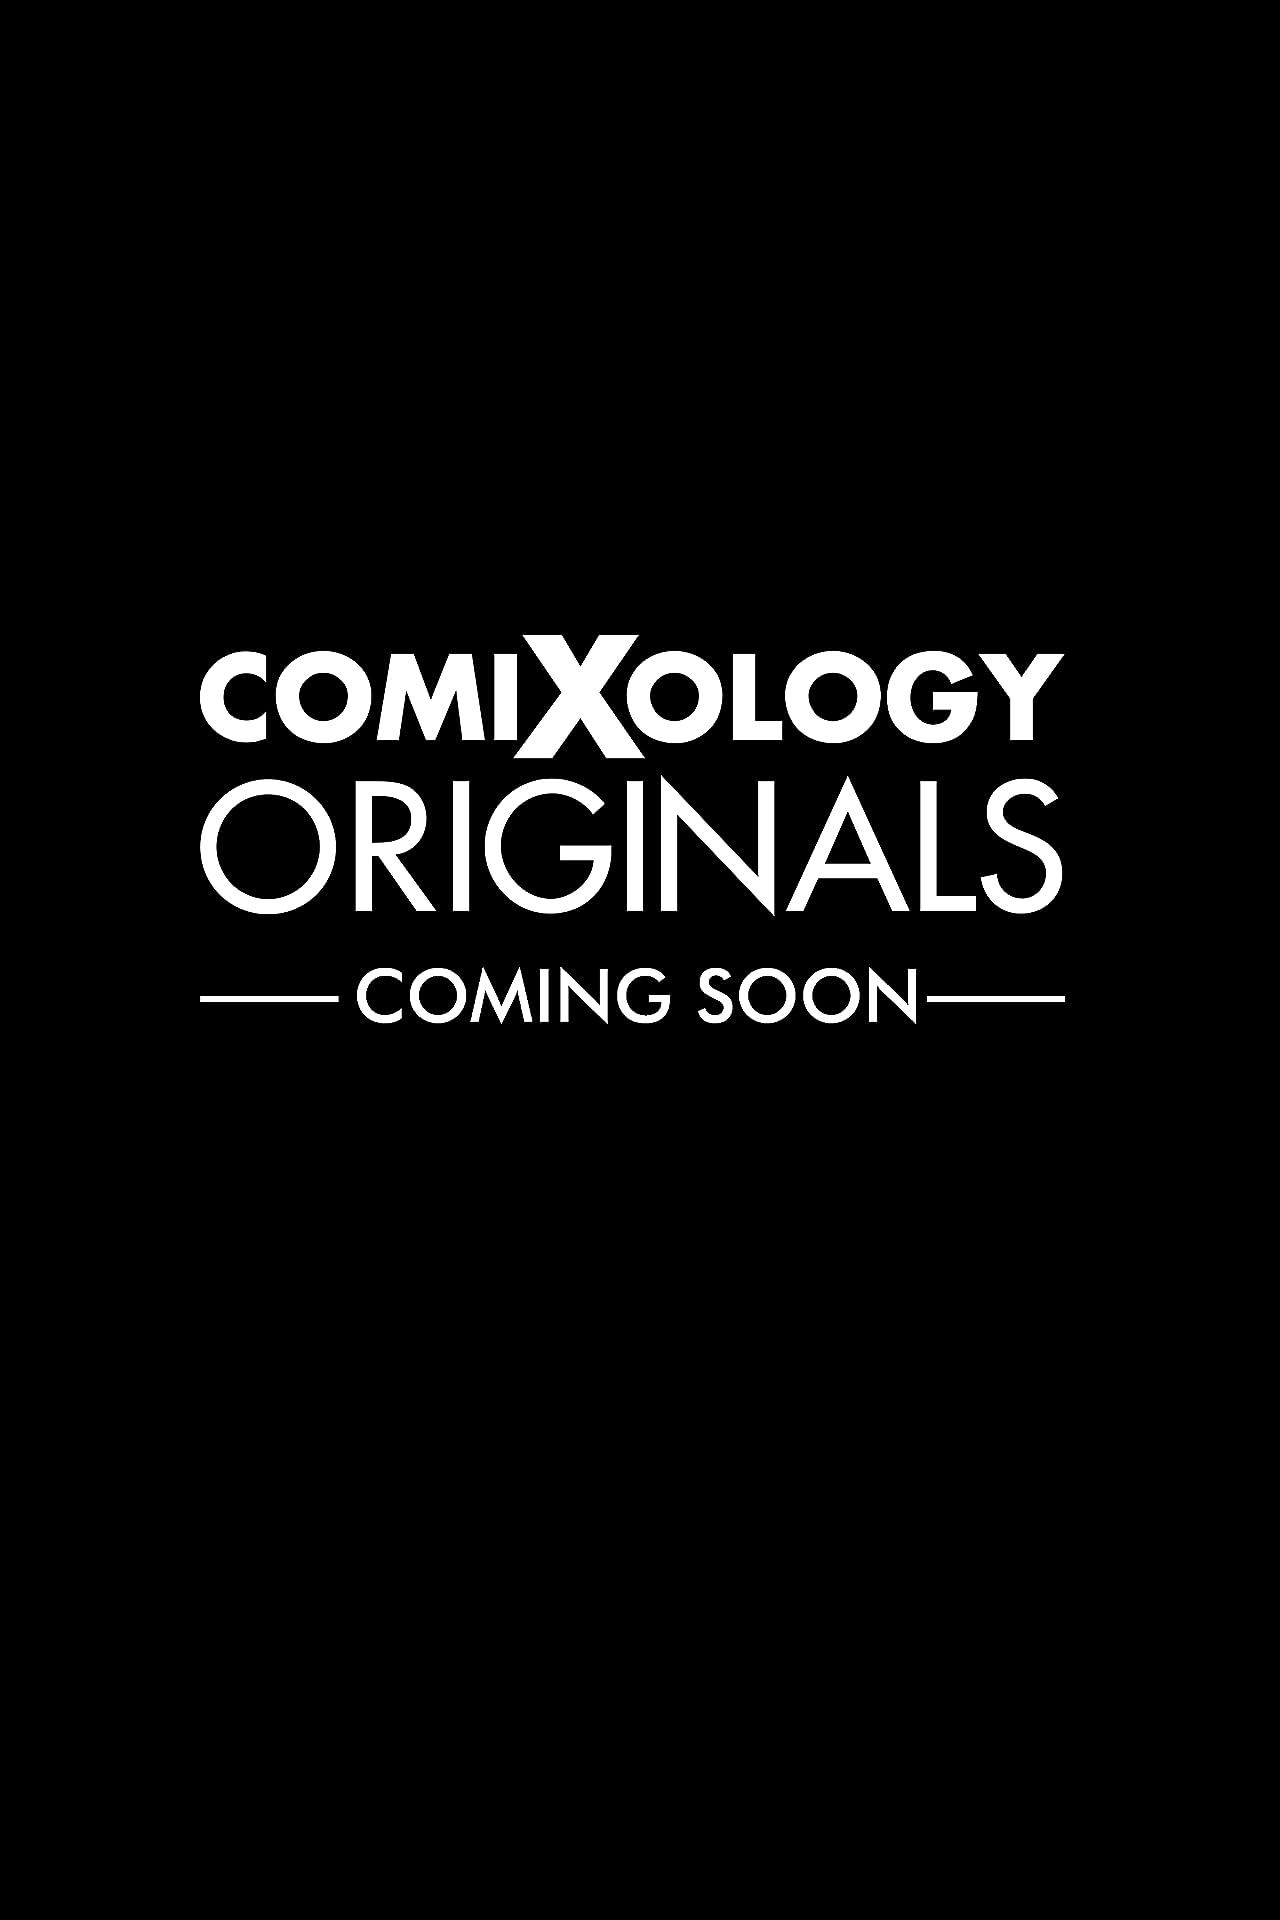 Fair Trade (comiXology Originals) Vol. 1